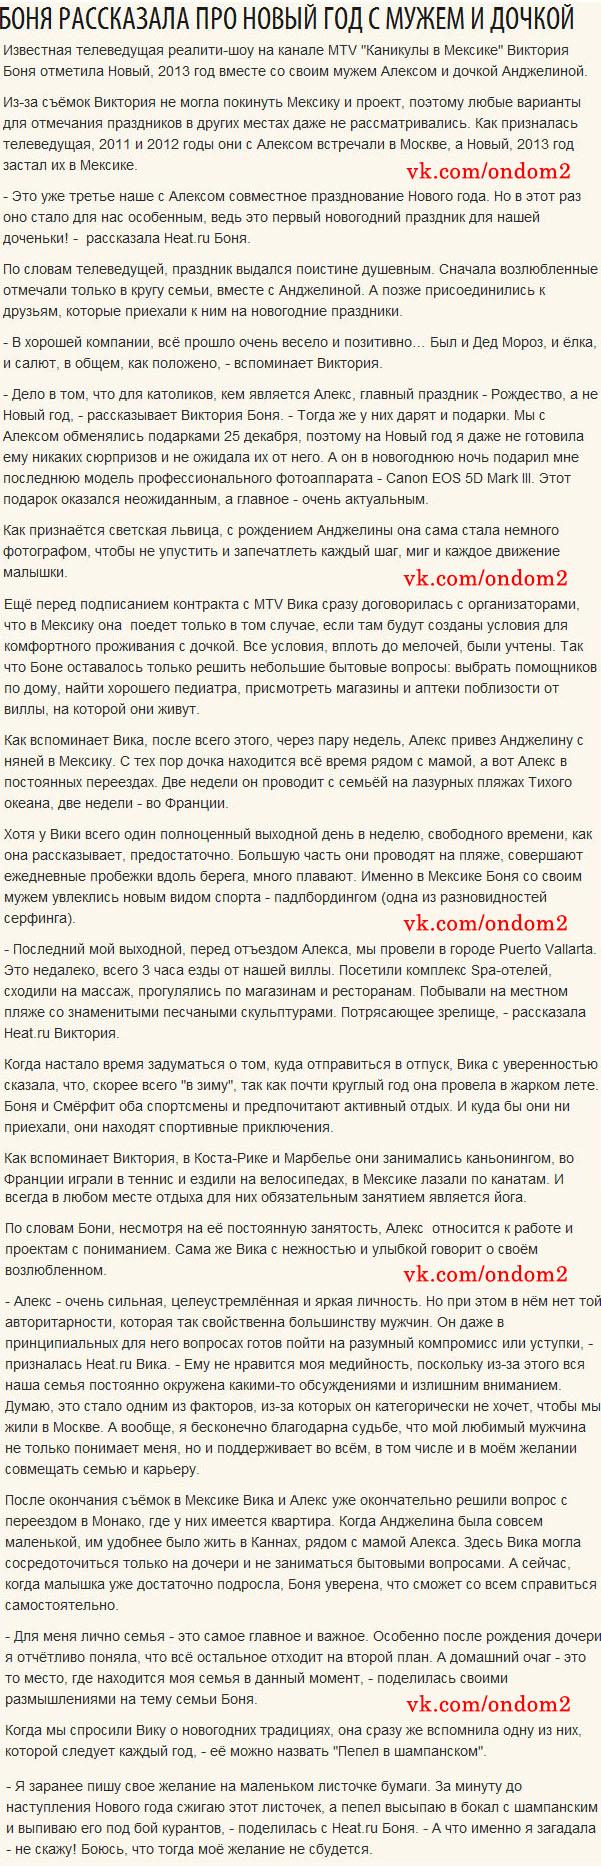 Интервью Виктории Боня